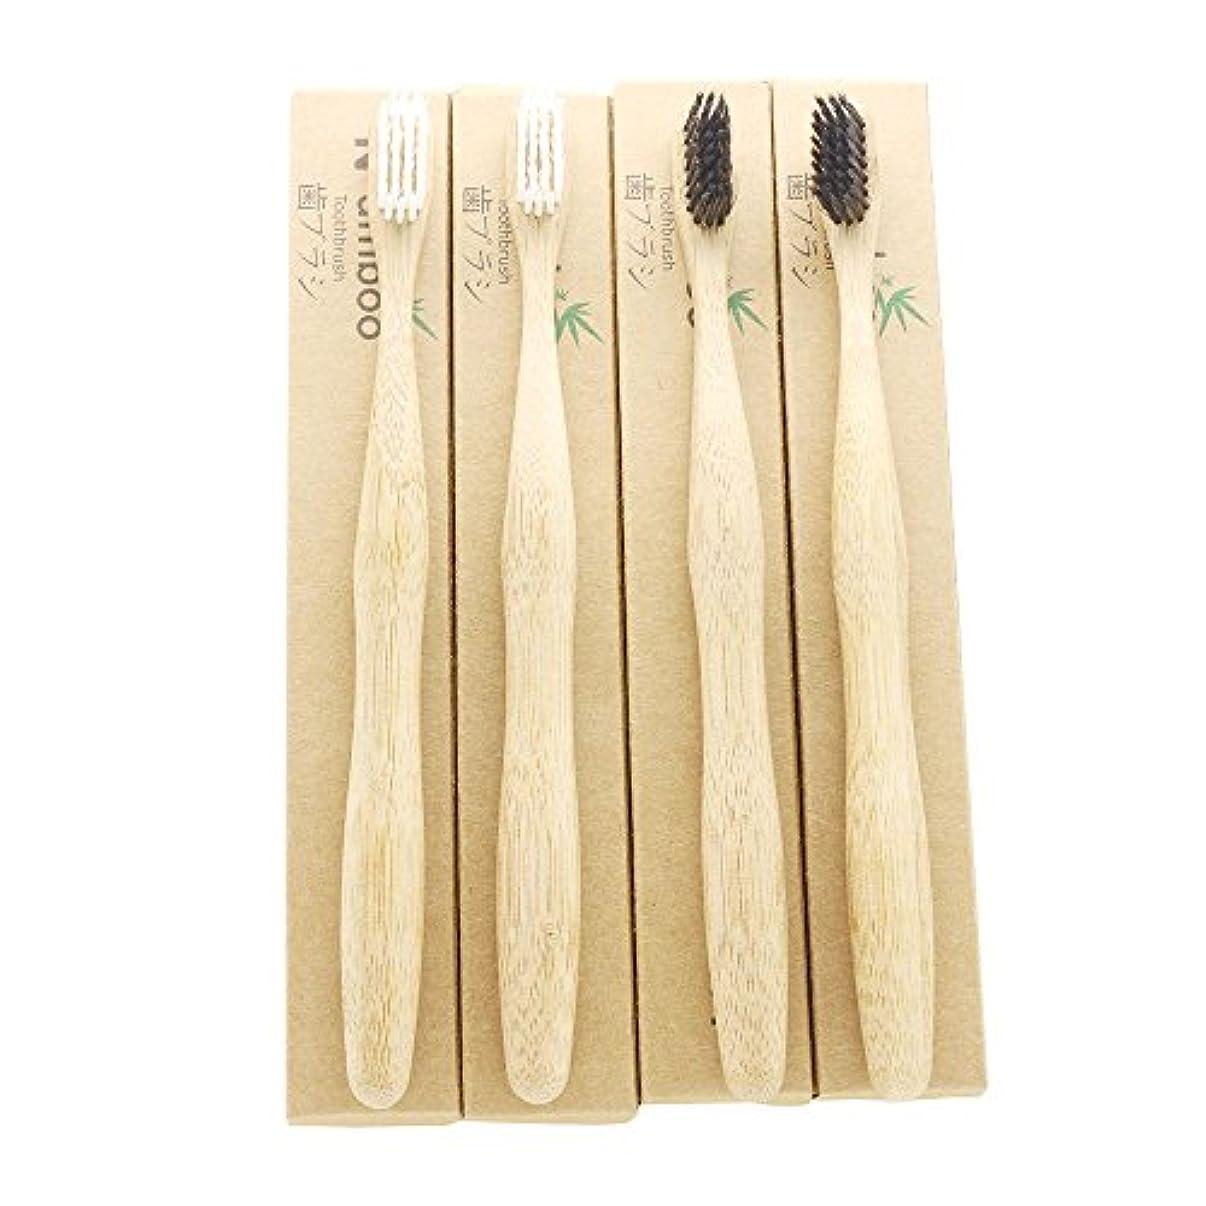 深さ軸共感するN-amboo 竹製 歯ブラシ 高耐久性 白と黒 セット エコ (4本)